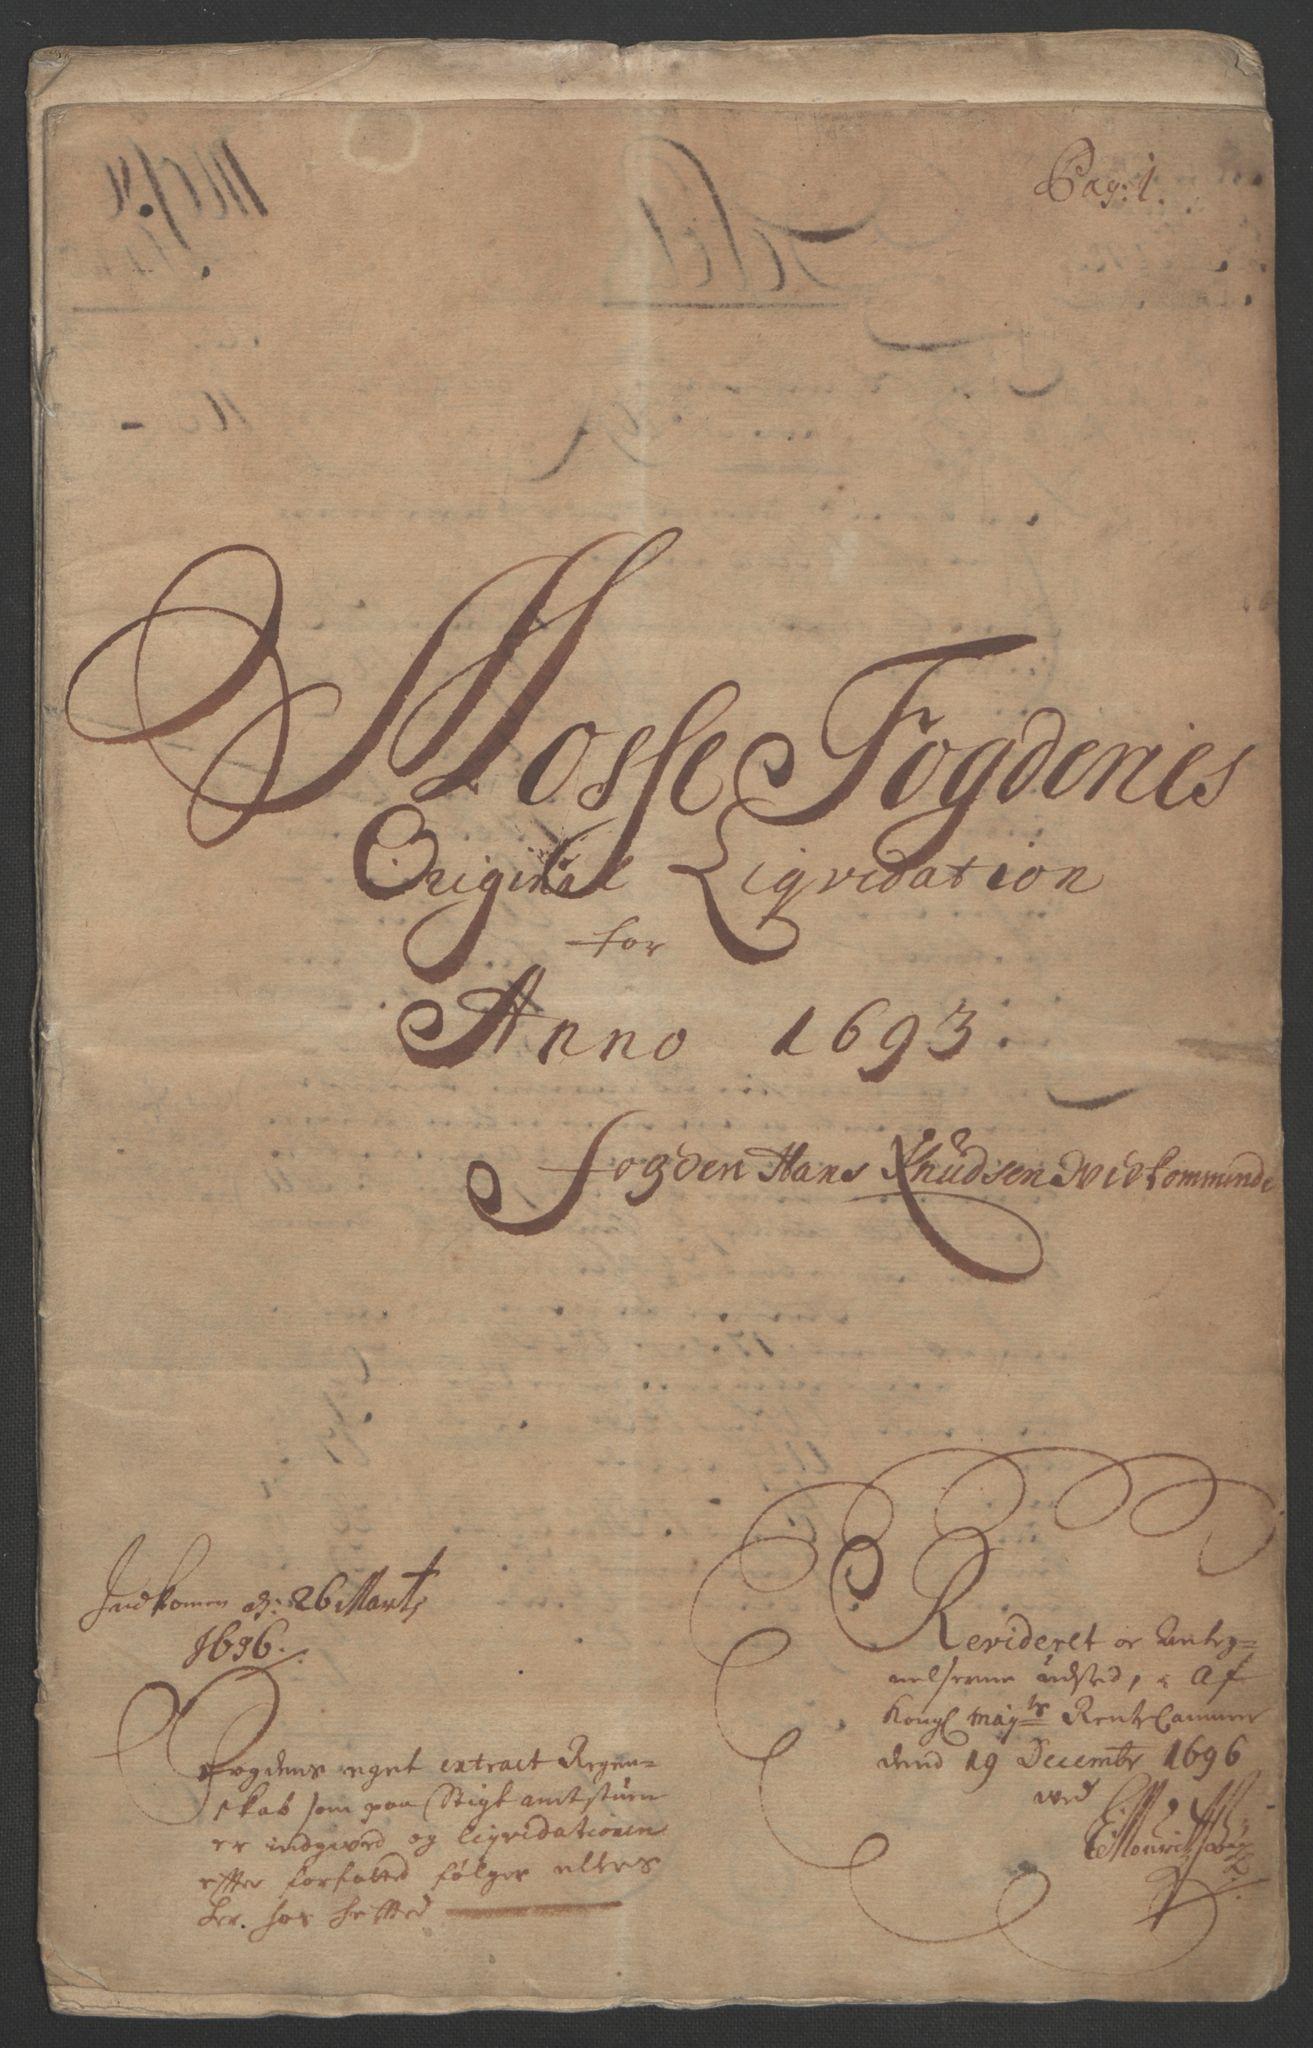 RA, Rentekammeret inntil 1814, Reviderte regnskaper, Fogderegnskap, R02/L0108: Fogderegnskap Moss og Verne kloster, 1692-1693, s. 203